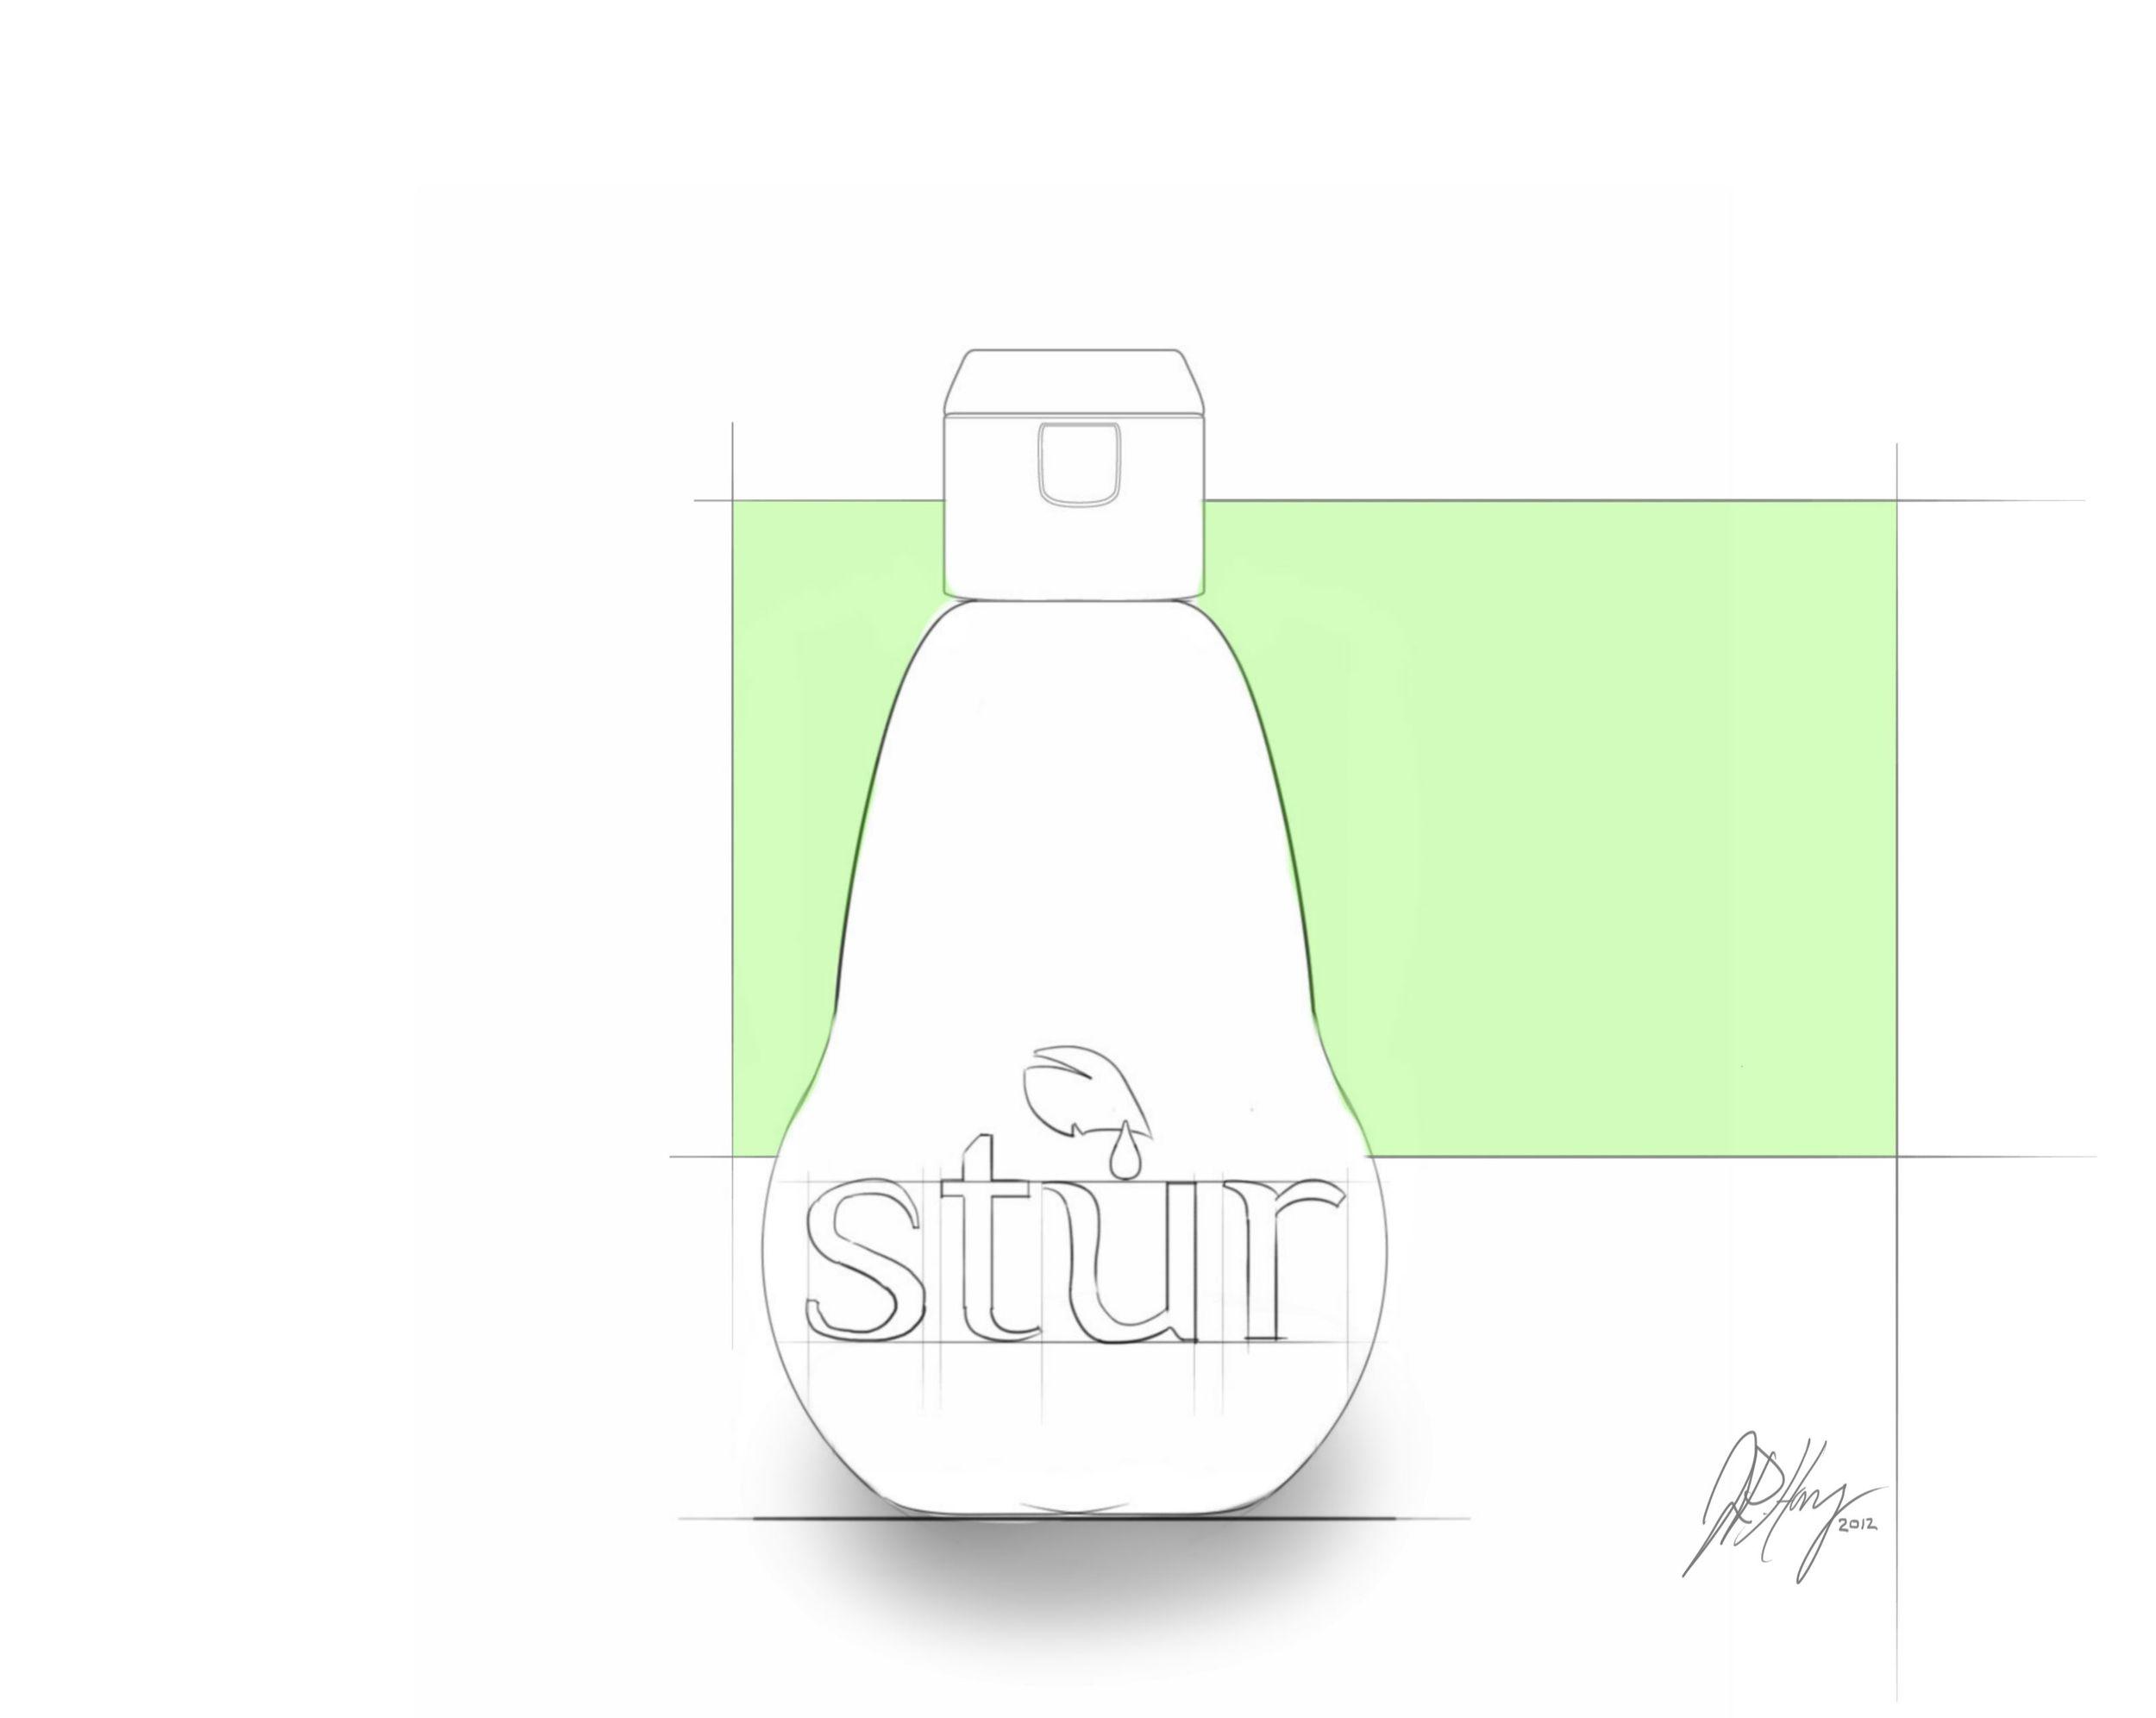 Stur Concept sketches